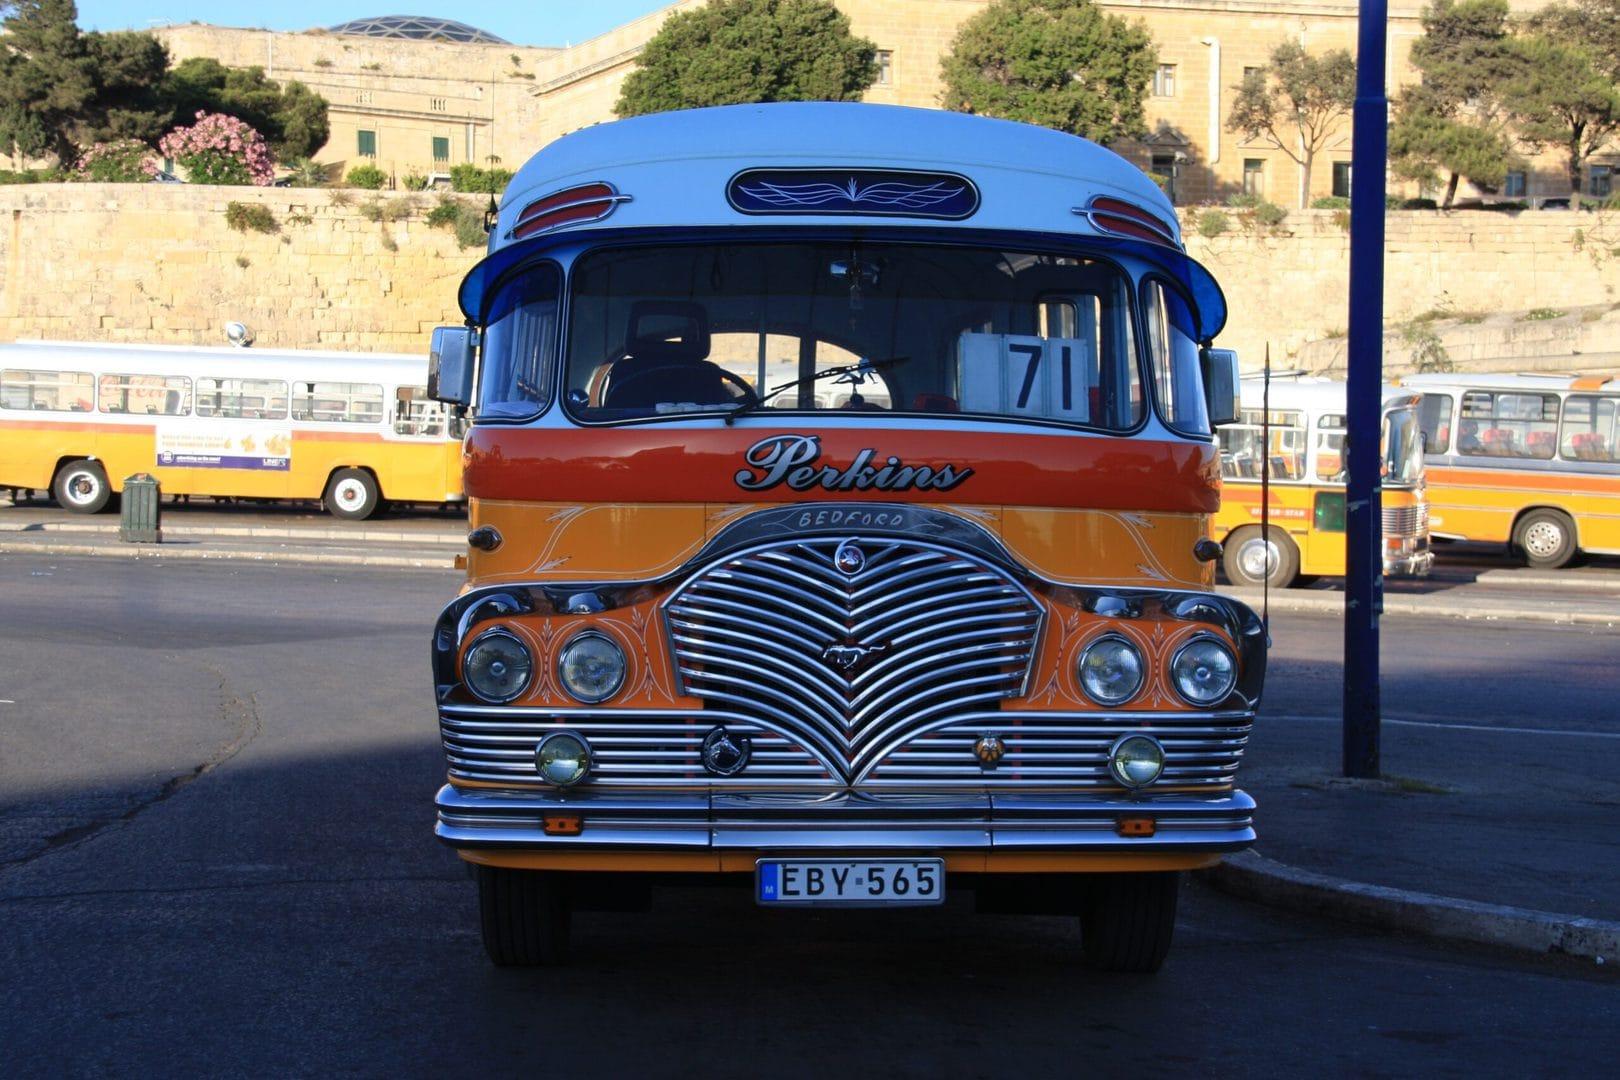 Traditionel-bus-malta-udflugt-studierejser